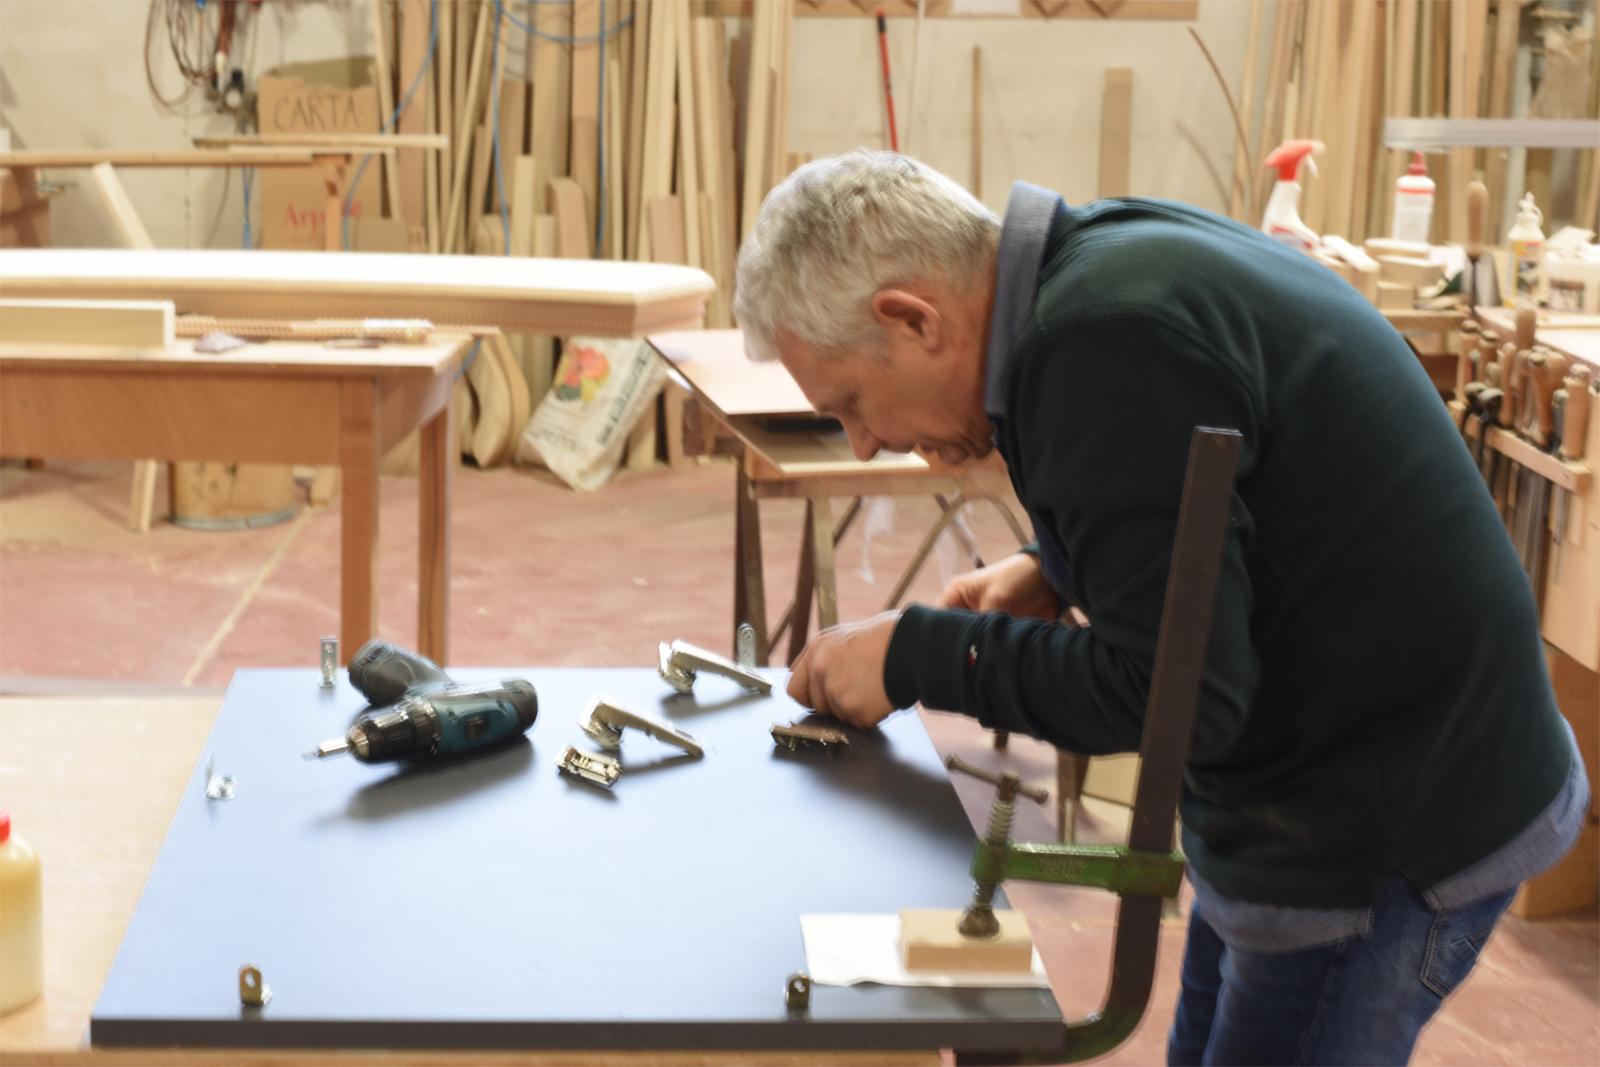 Craftsman at work on a millwork piece.